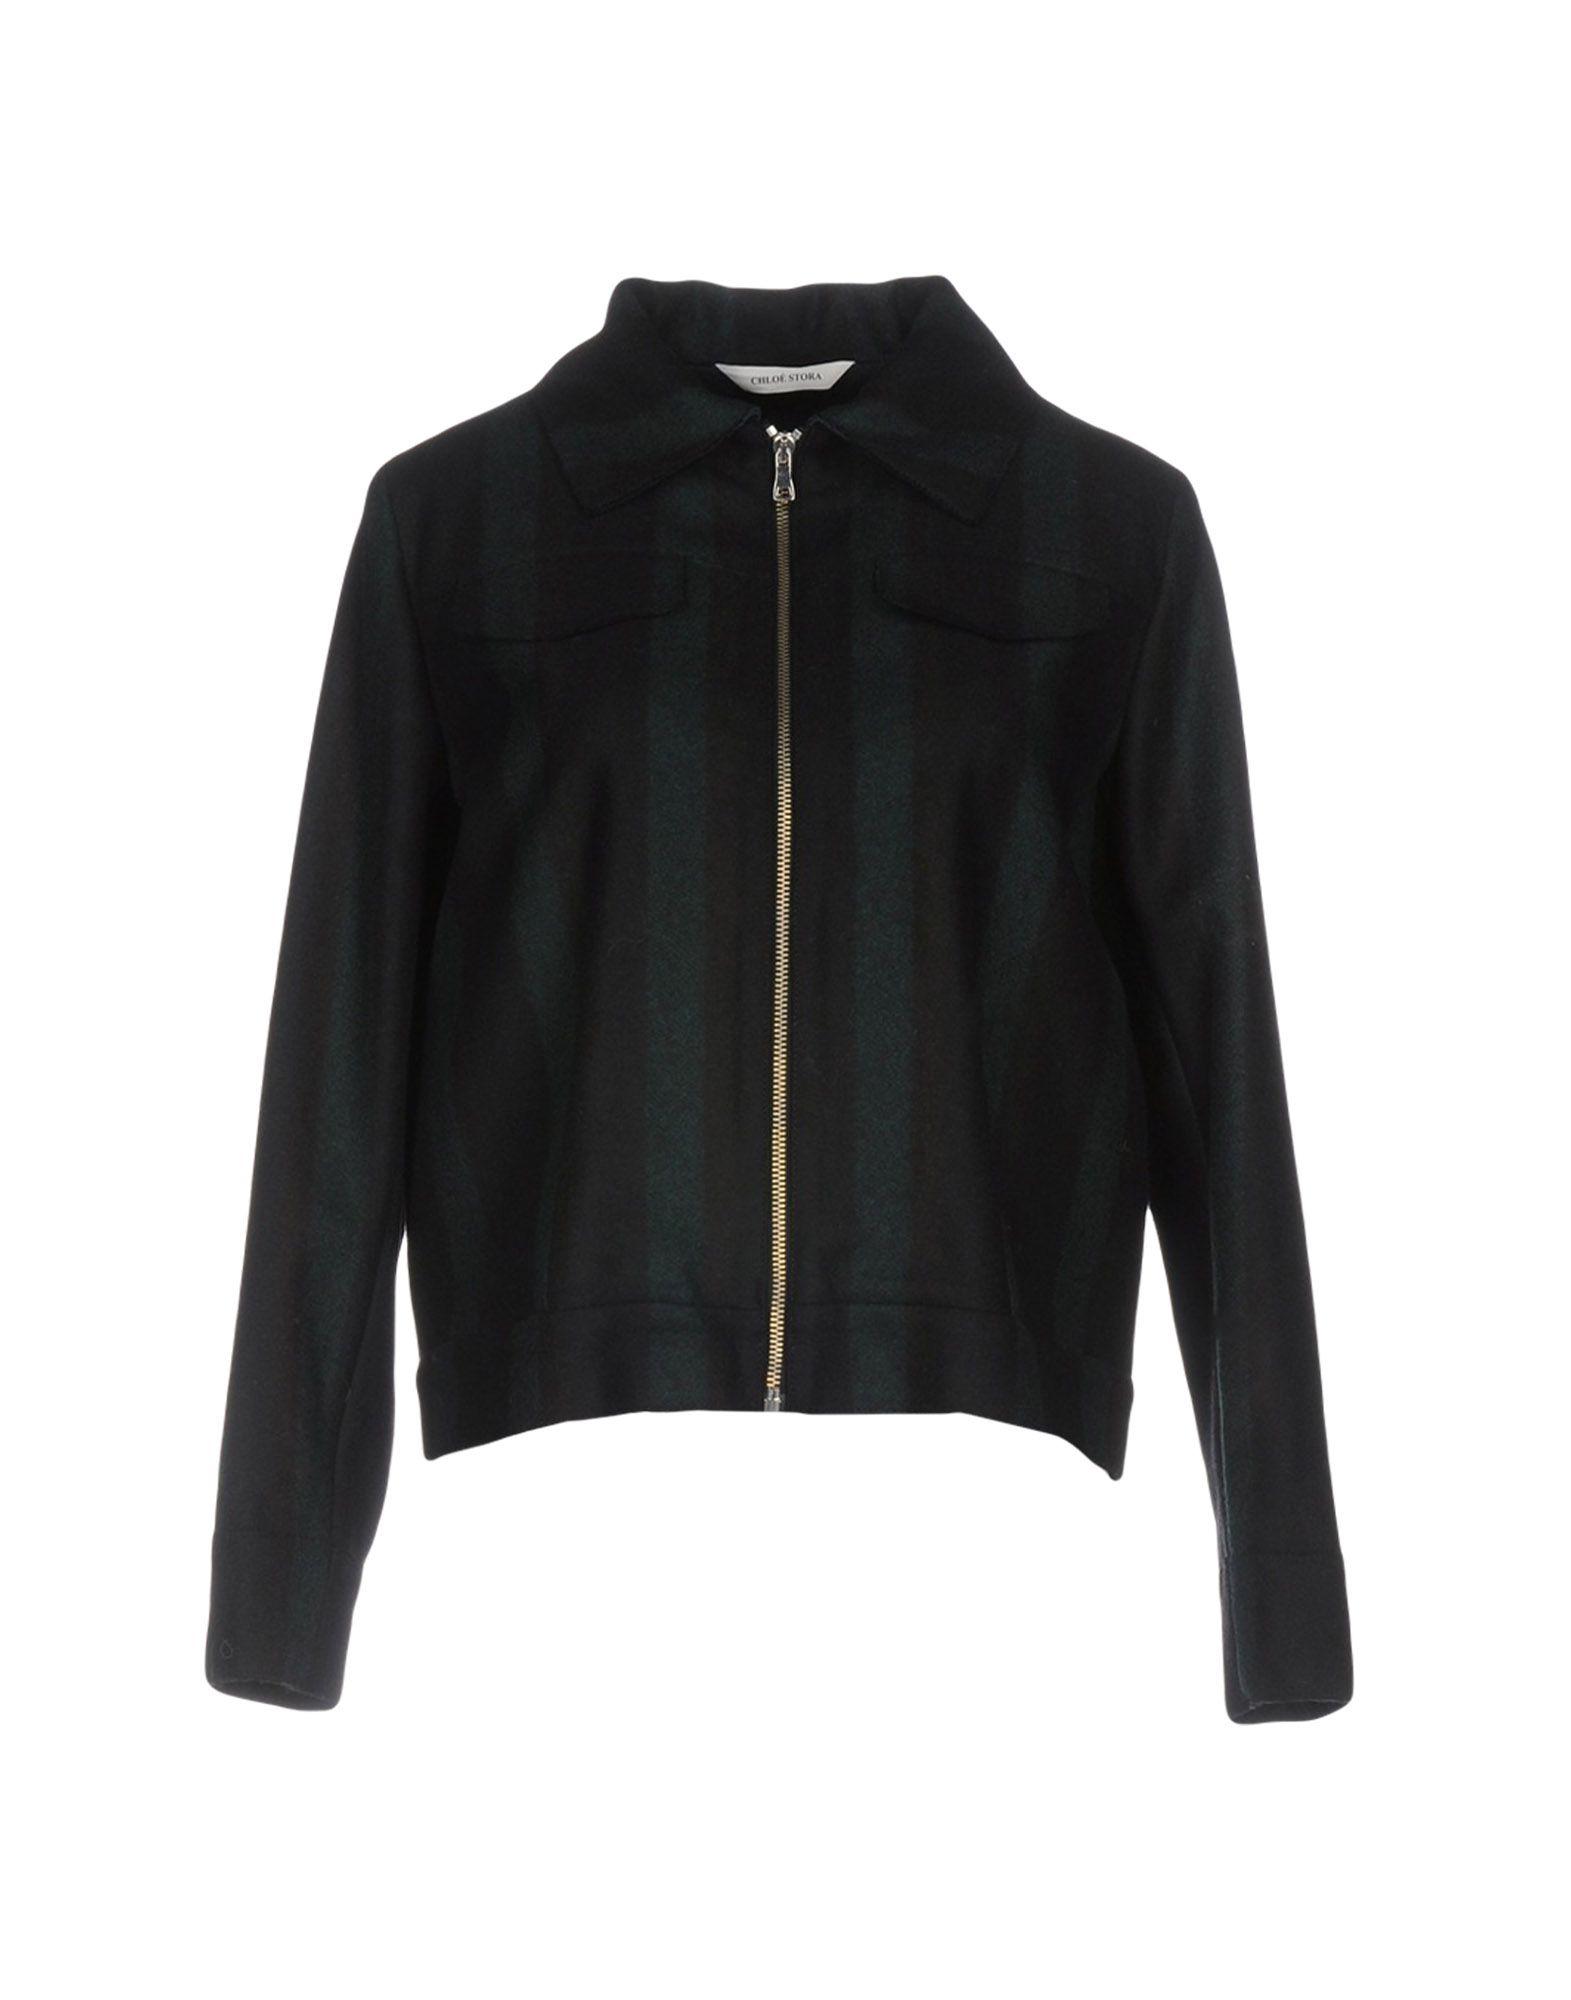 CHLOÉ STORA Куртка куртка бомбер короткая в полоску с вышивкой 100